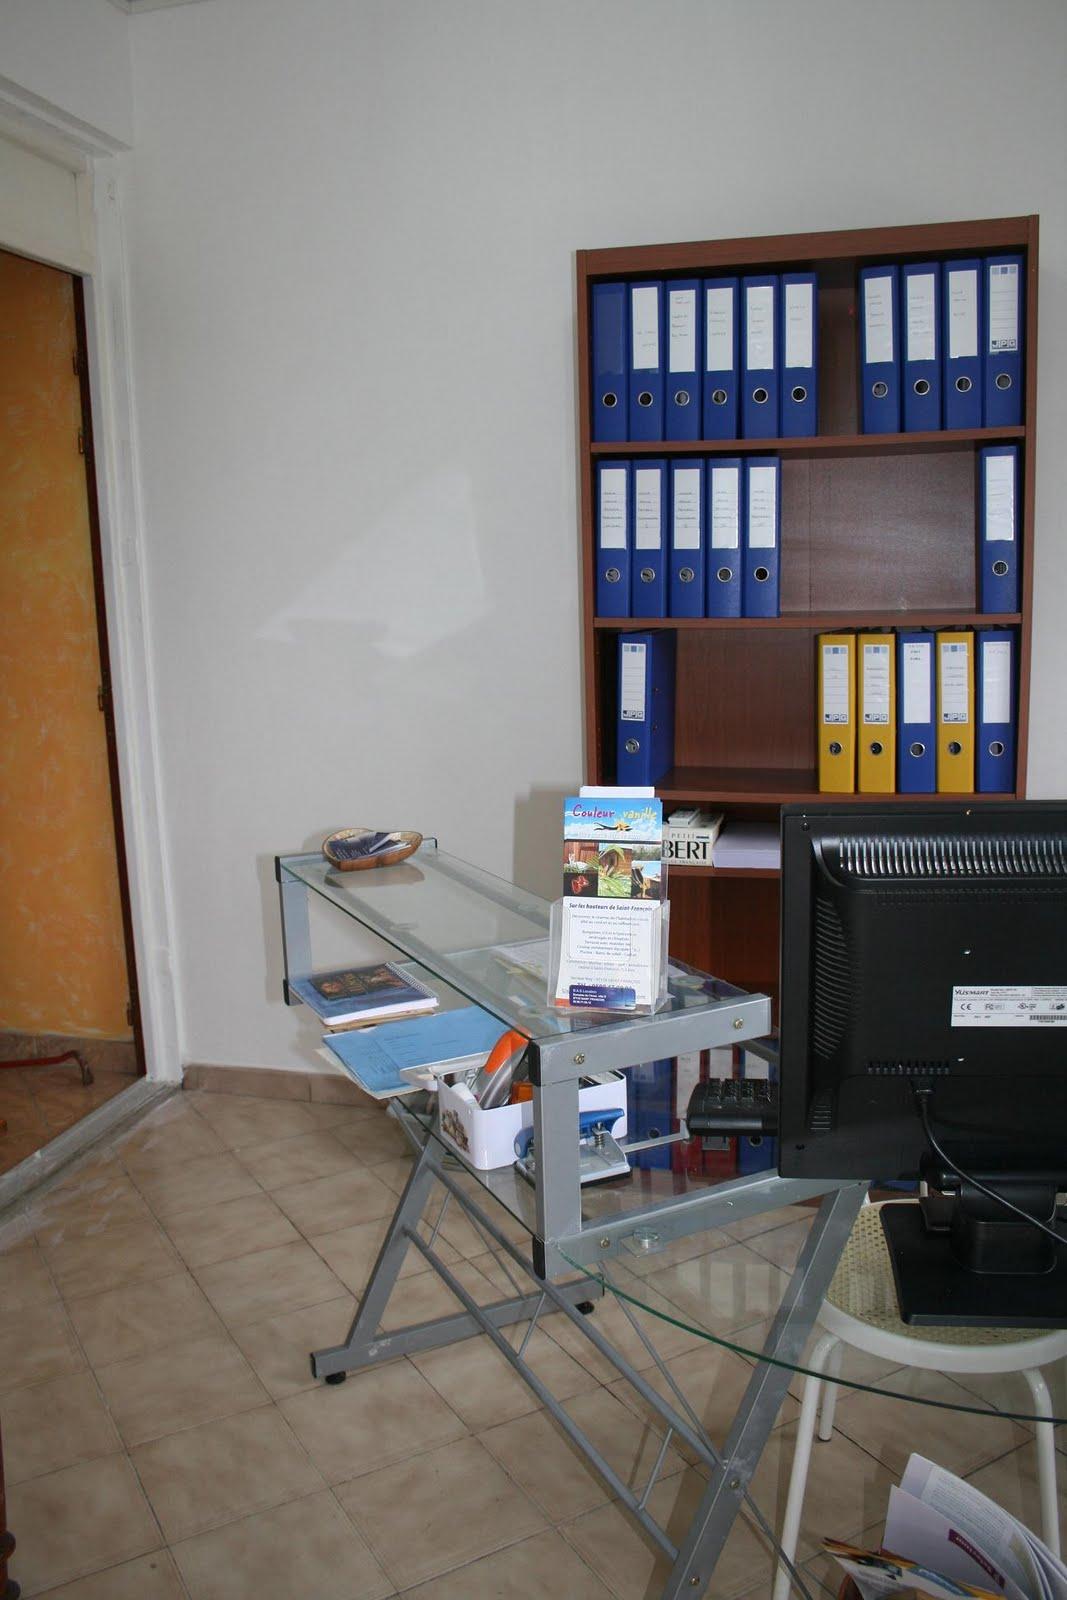 le blog de couleur vanille: création d'un bureau d'accueil